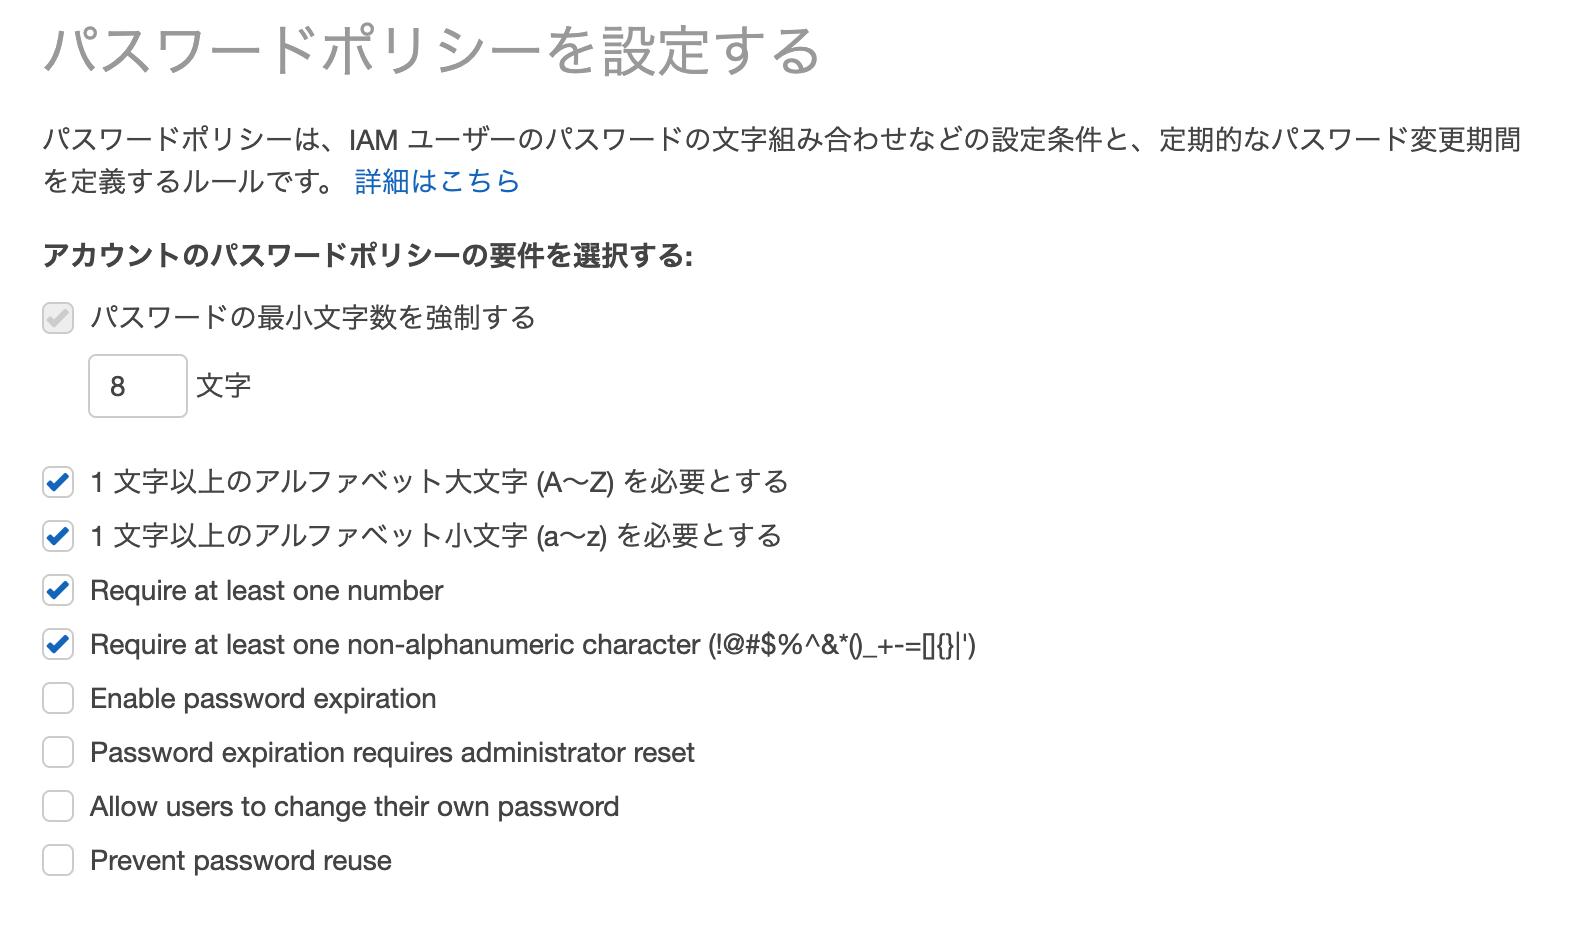 スクリーンショット 2020-01-14 12.04.47.png